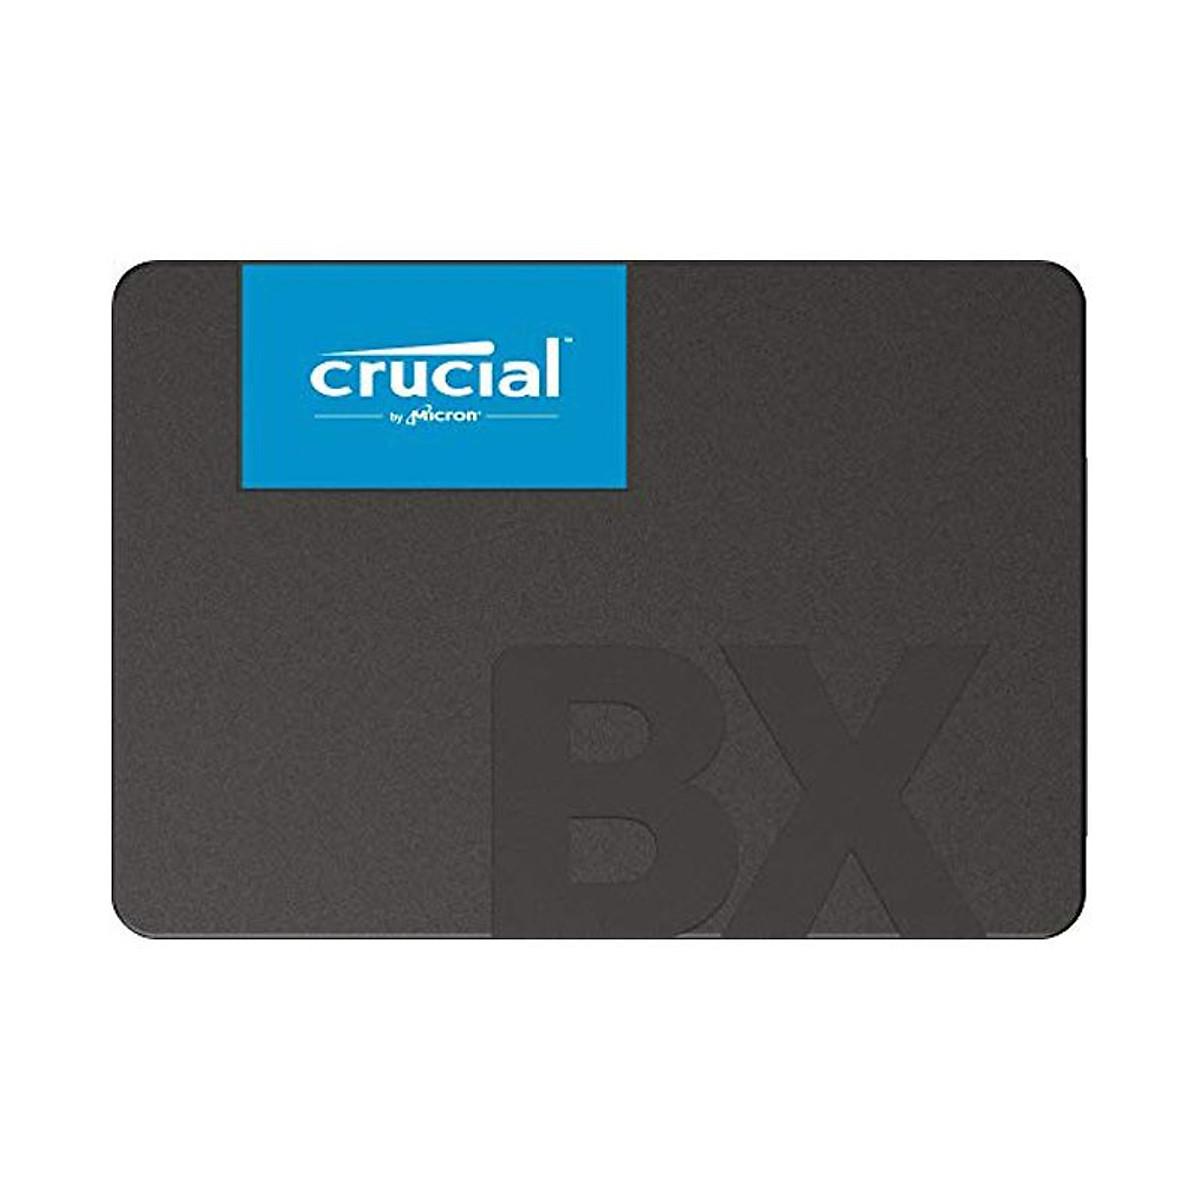 Ổ cứng SSD Crucial BX500 3D NAND SATA III 2.5 inch 960GB CT960BX500SSD1 – Hàng Chính Hãng